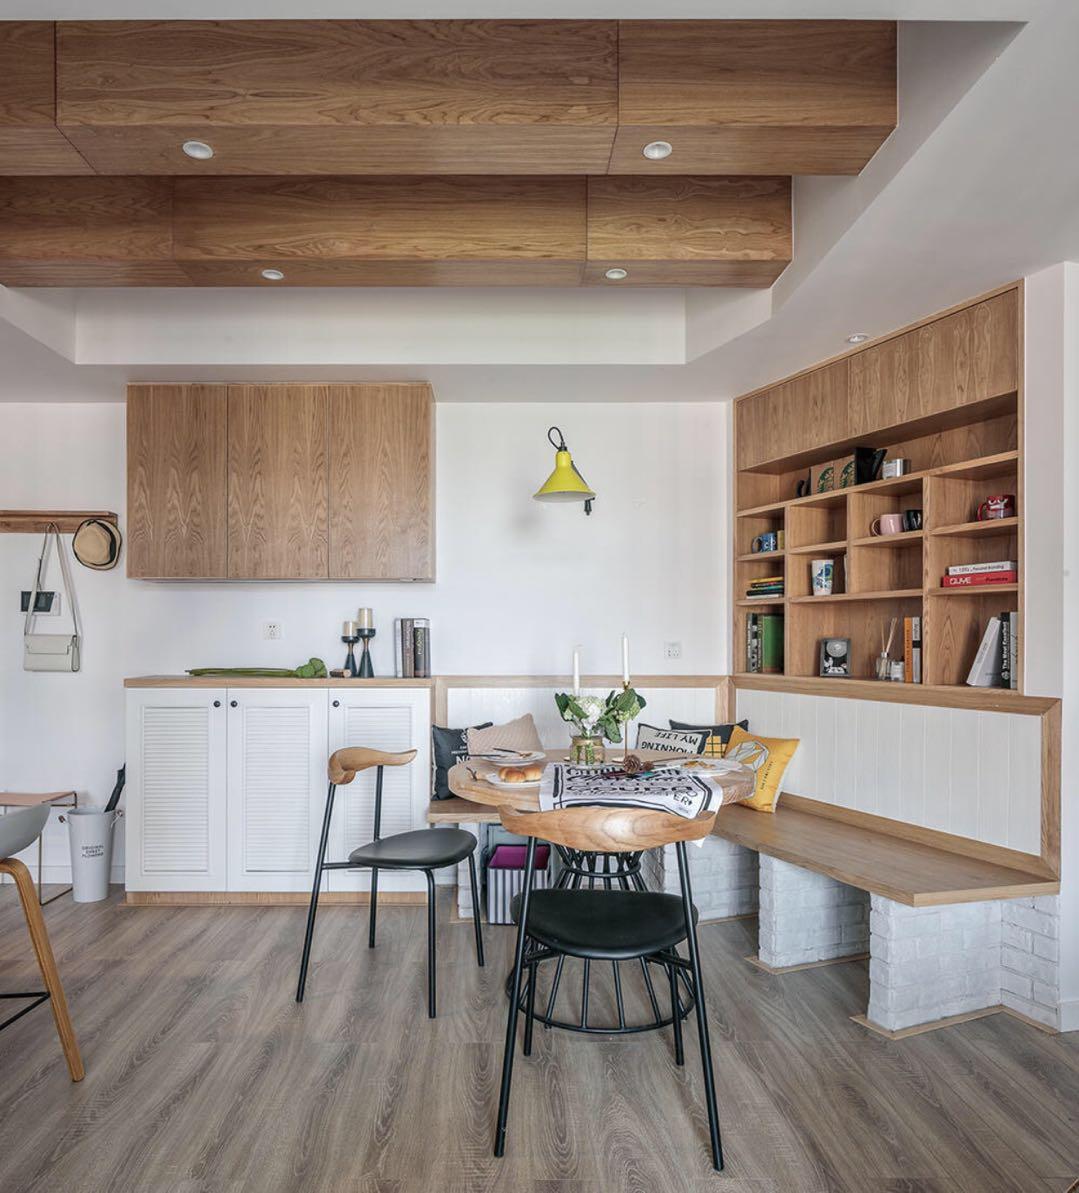 三居室北欧风格家餐厅背景墙设计